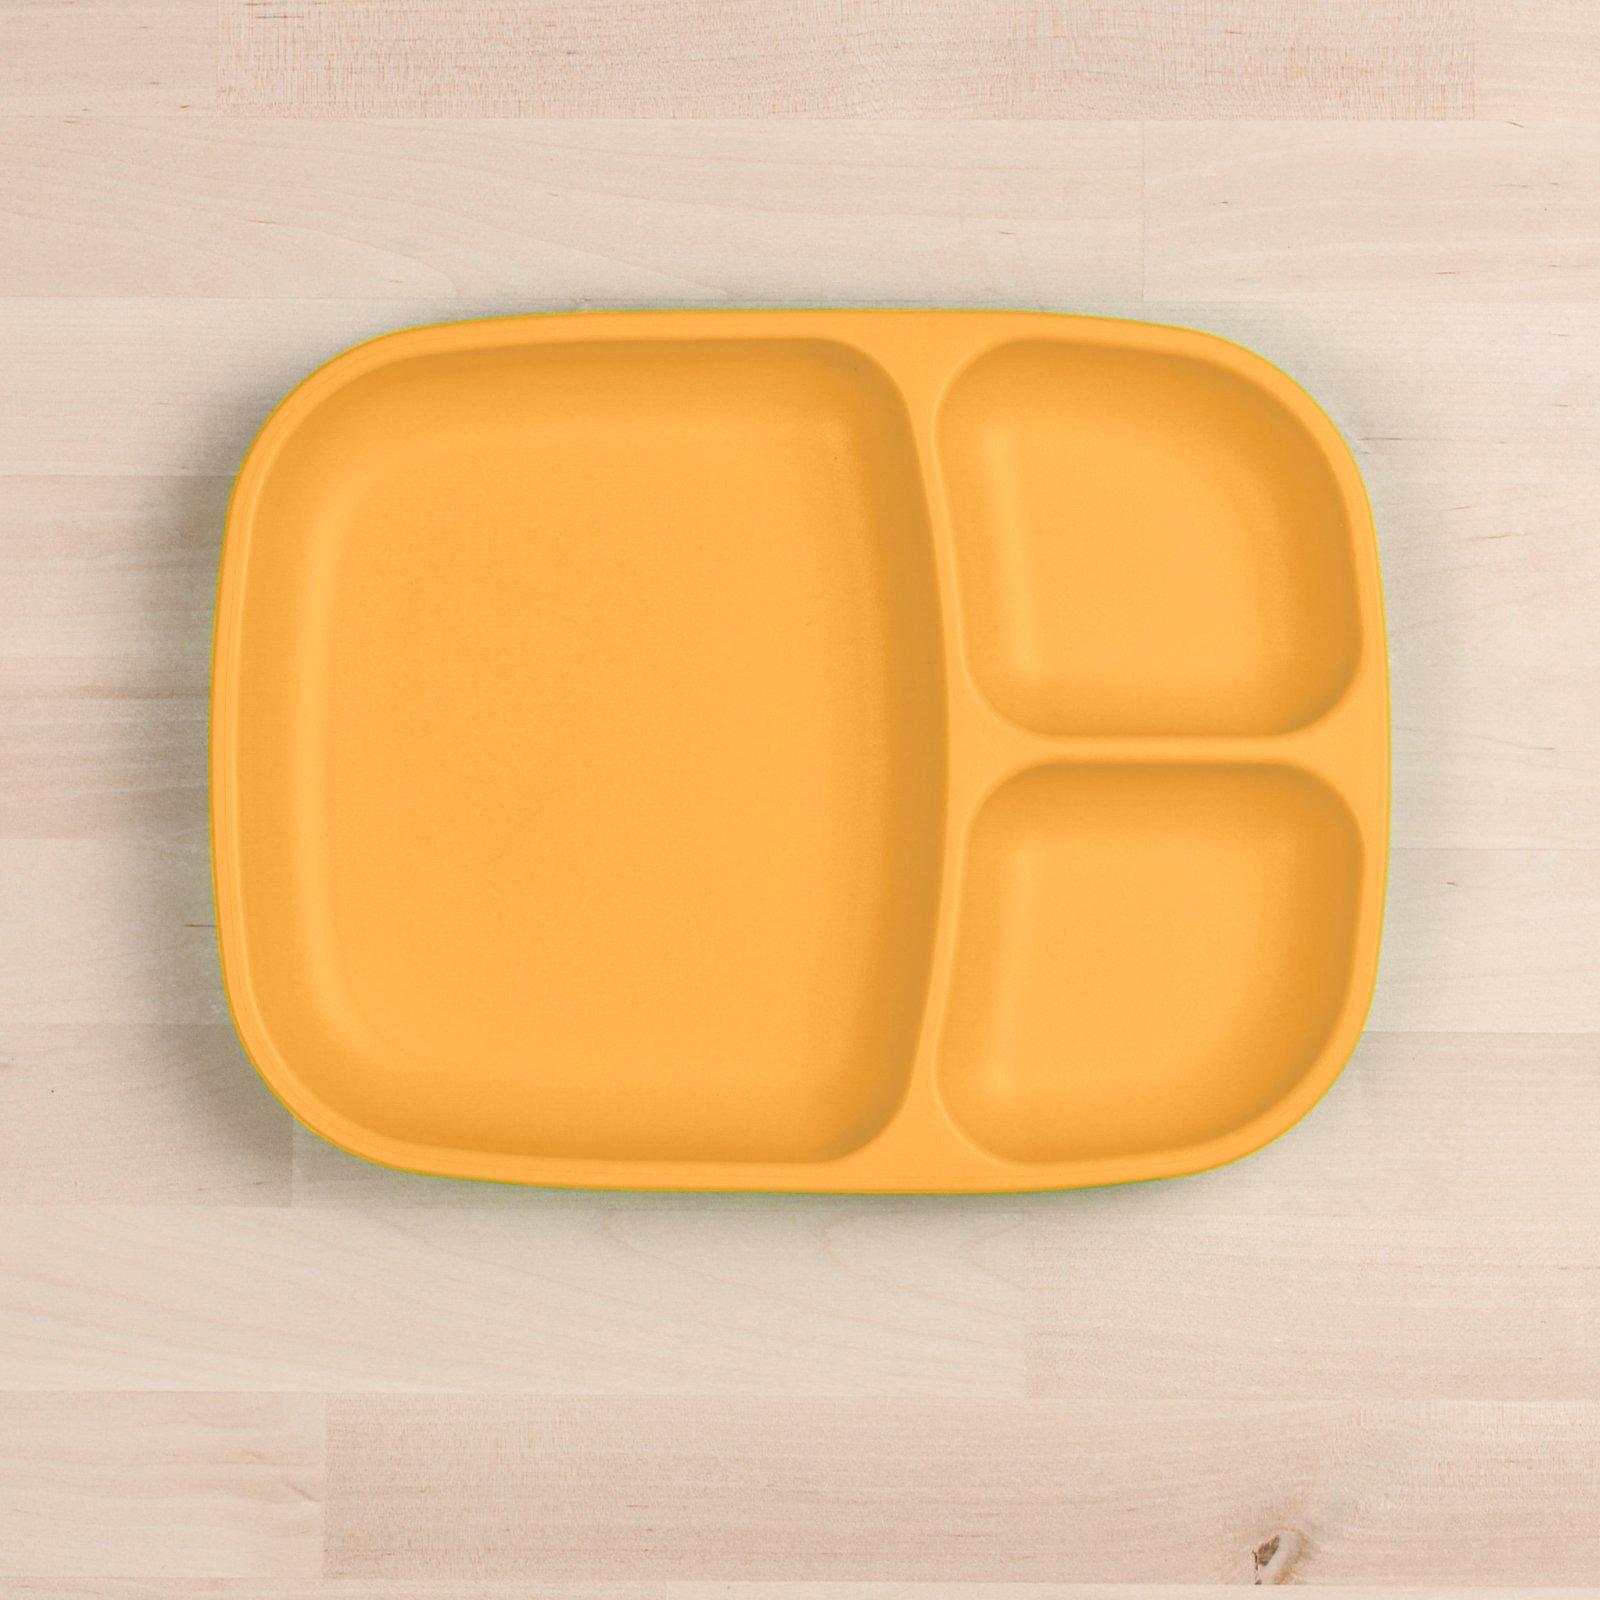 REPLAY plato grande divisiones amarillo